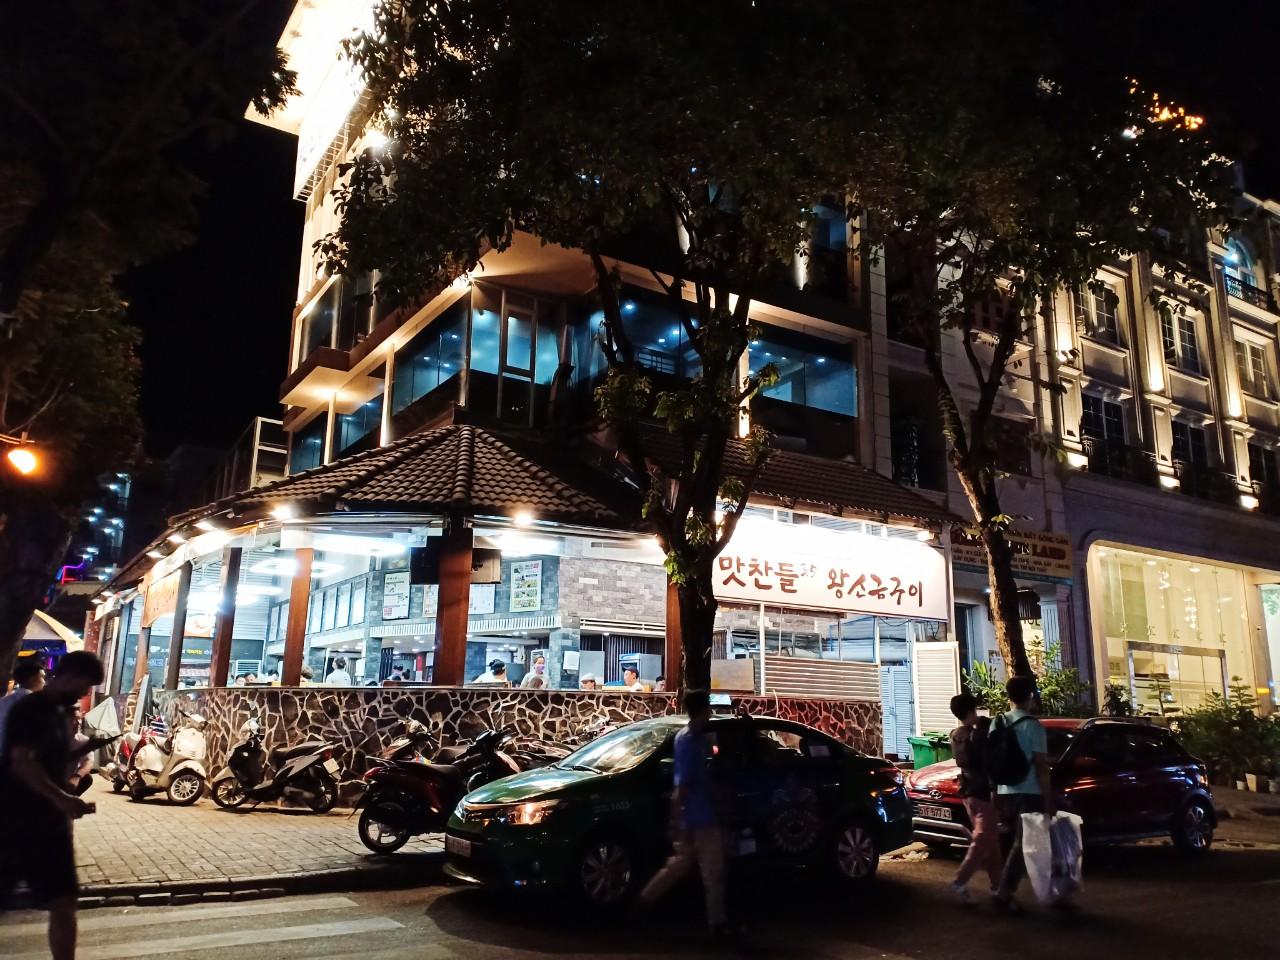 Mặt bằng bán lẻ ở khu phố người Hàn bỏ trống đến 40% - Ảnh 2.